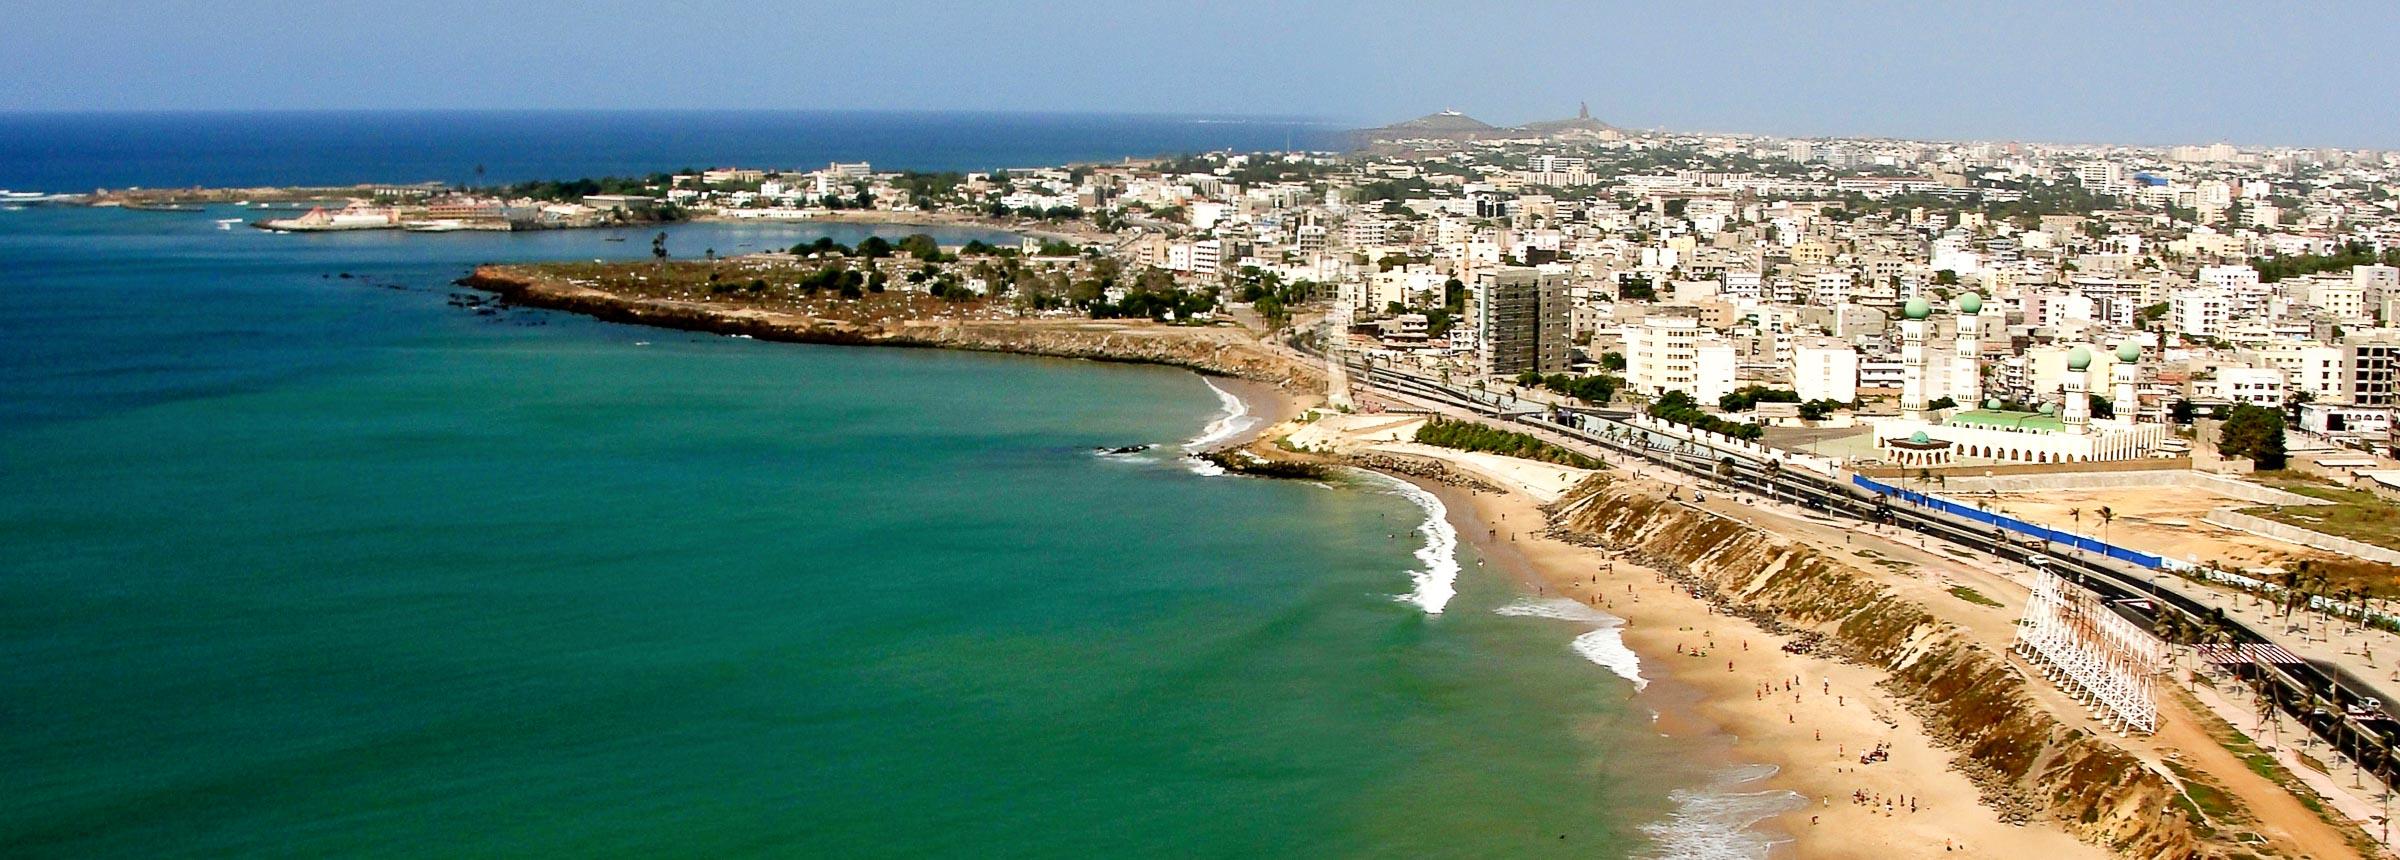 Dakar coastline